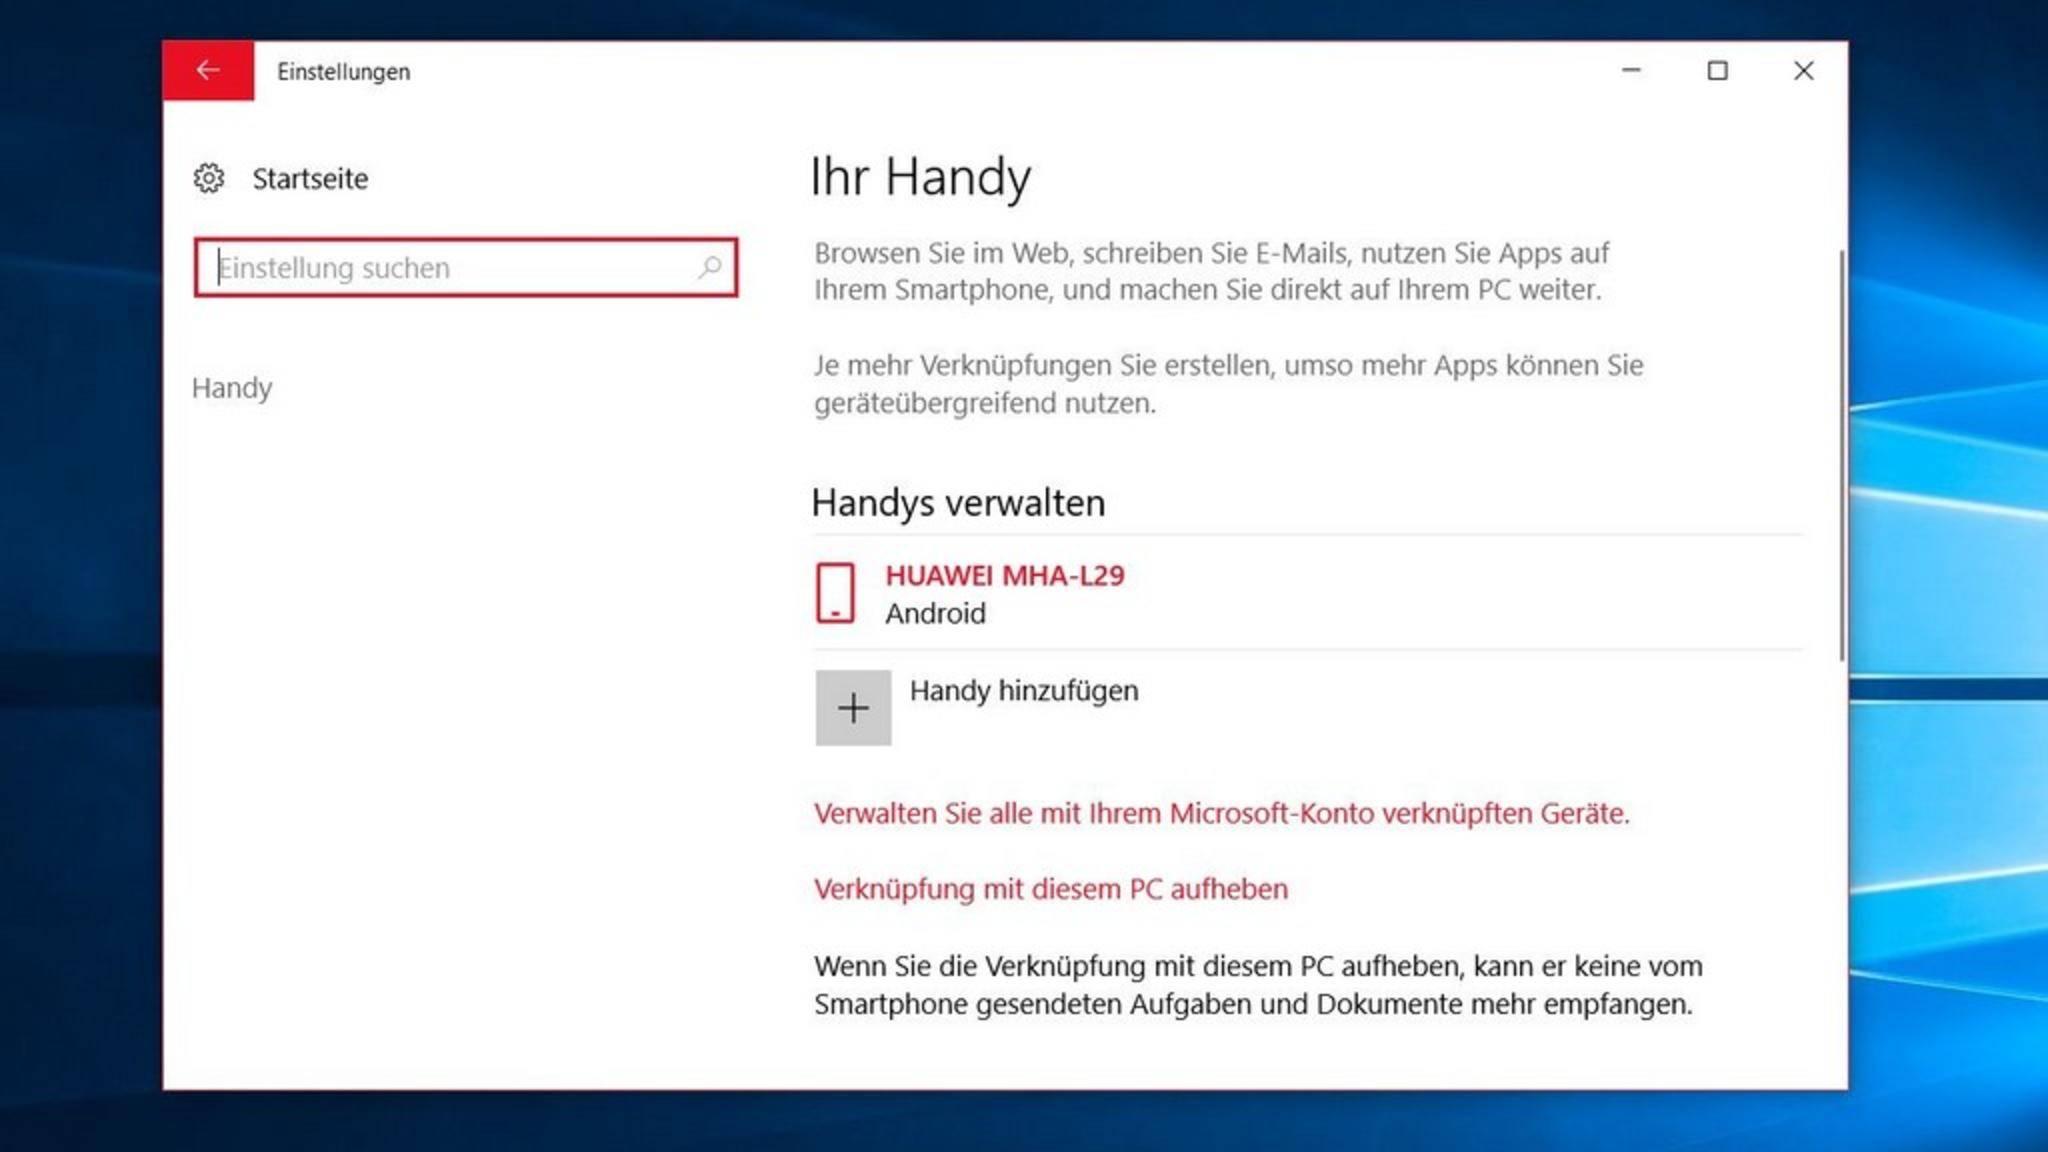 Nach dem Verknüpfen sollte das Smartphone unter Windows 10 angezeigt werden.